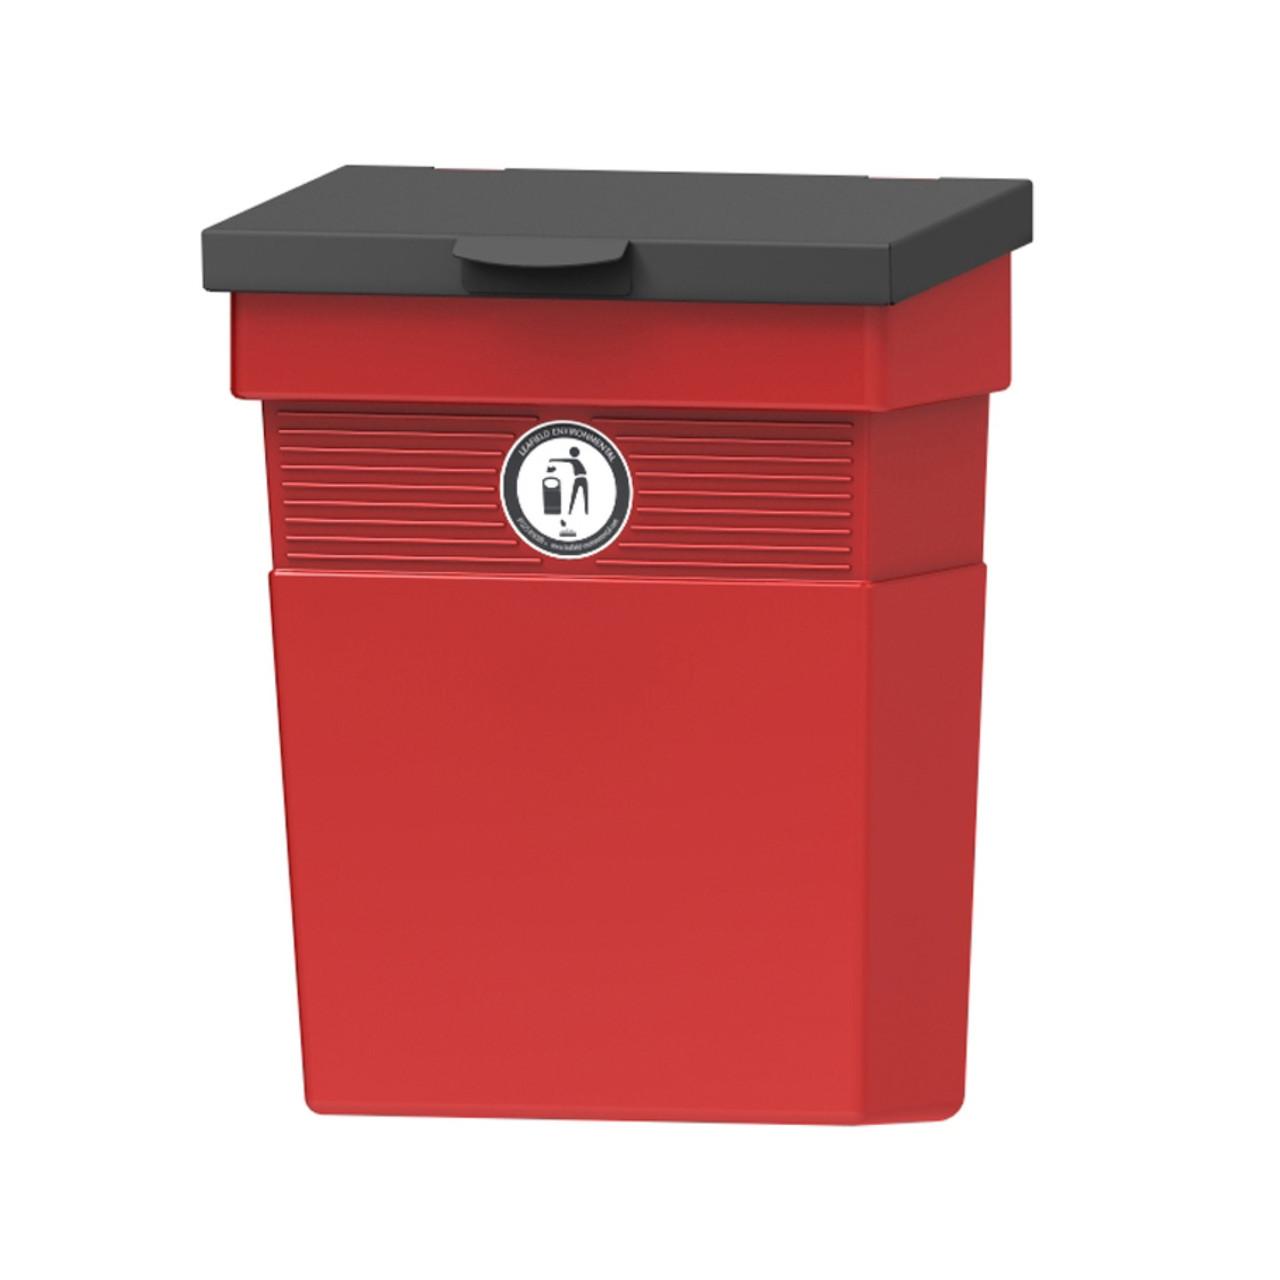 Regent dog waste bin 30 Litre metal lid